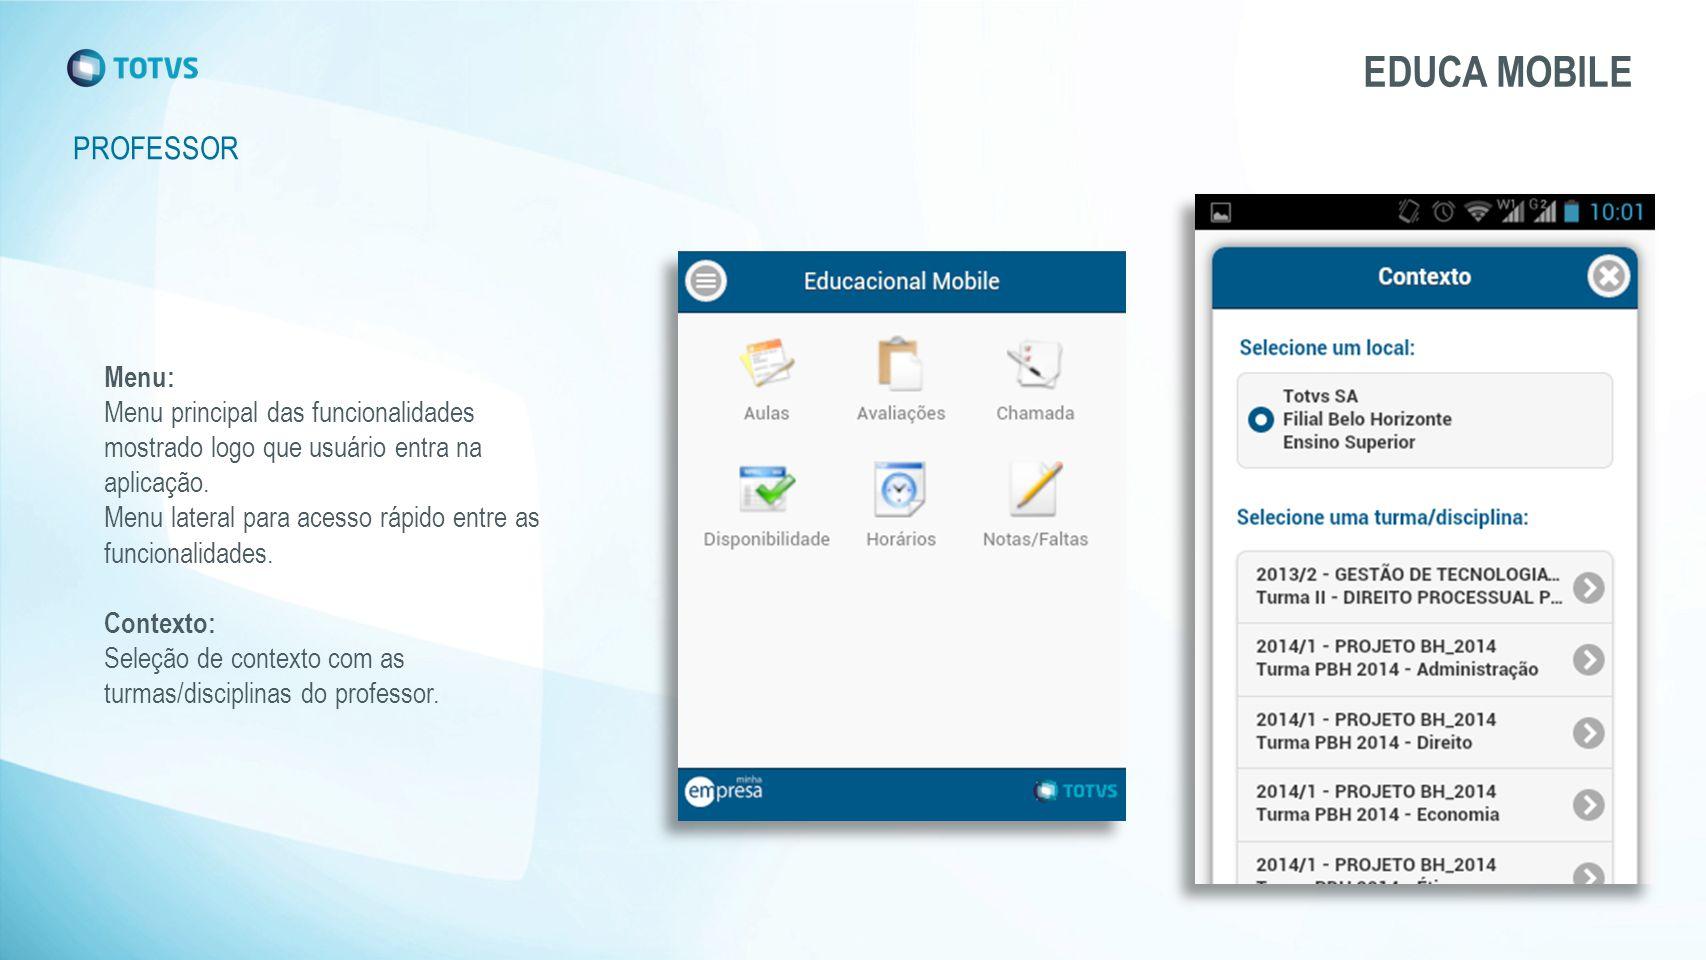 PROFESSOR EDUCA MOBILE Menu: Menu principal das funcionalidades mostrado logo que usuário entra na aplicação. Menu lateral para acesso rápido entre as